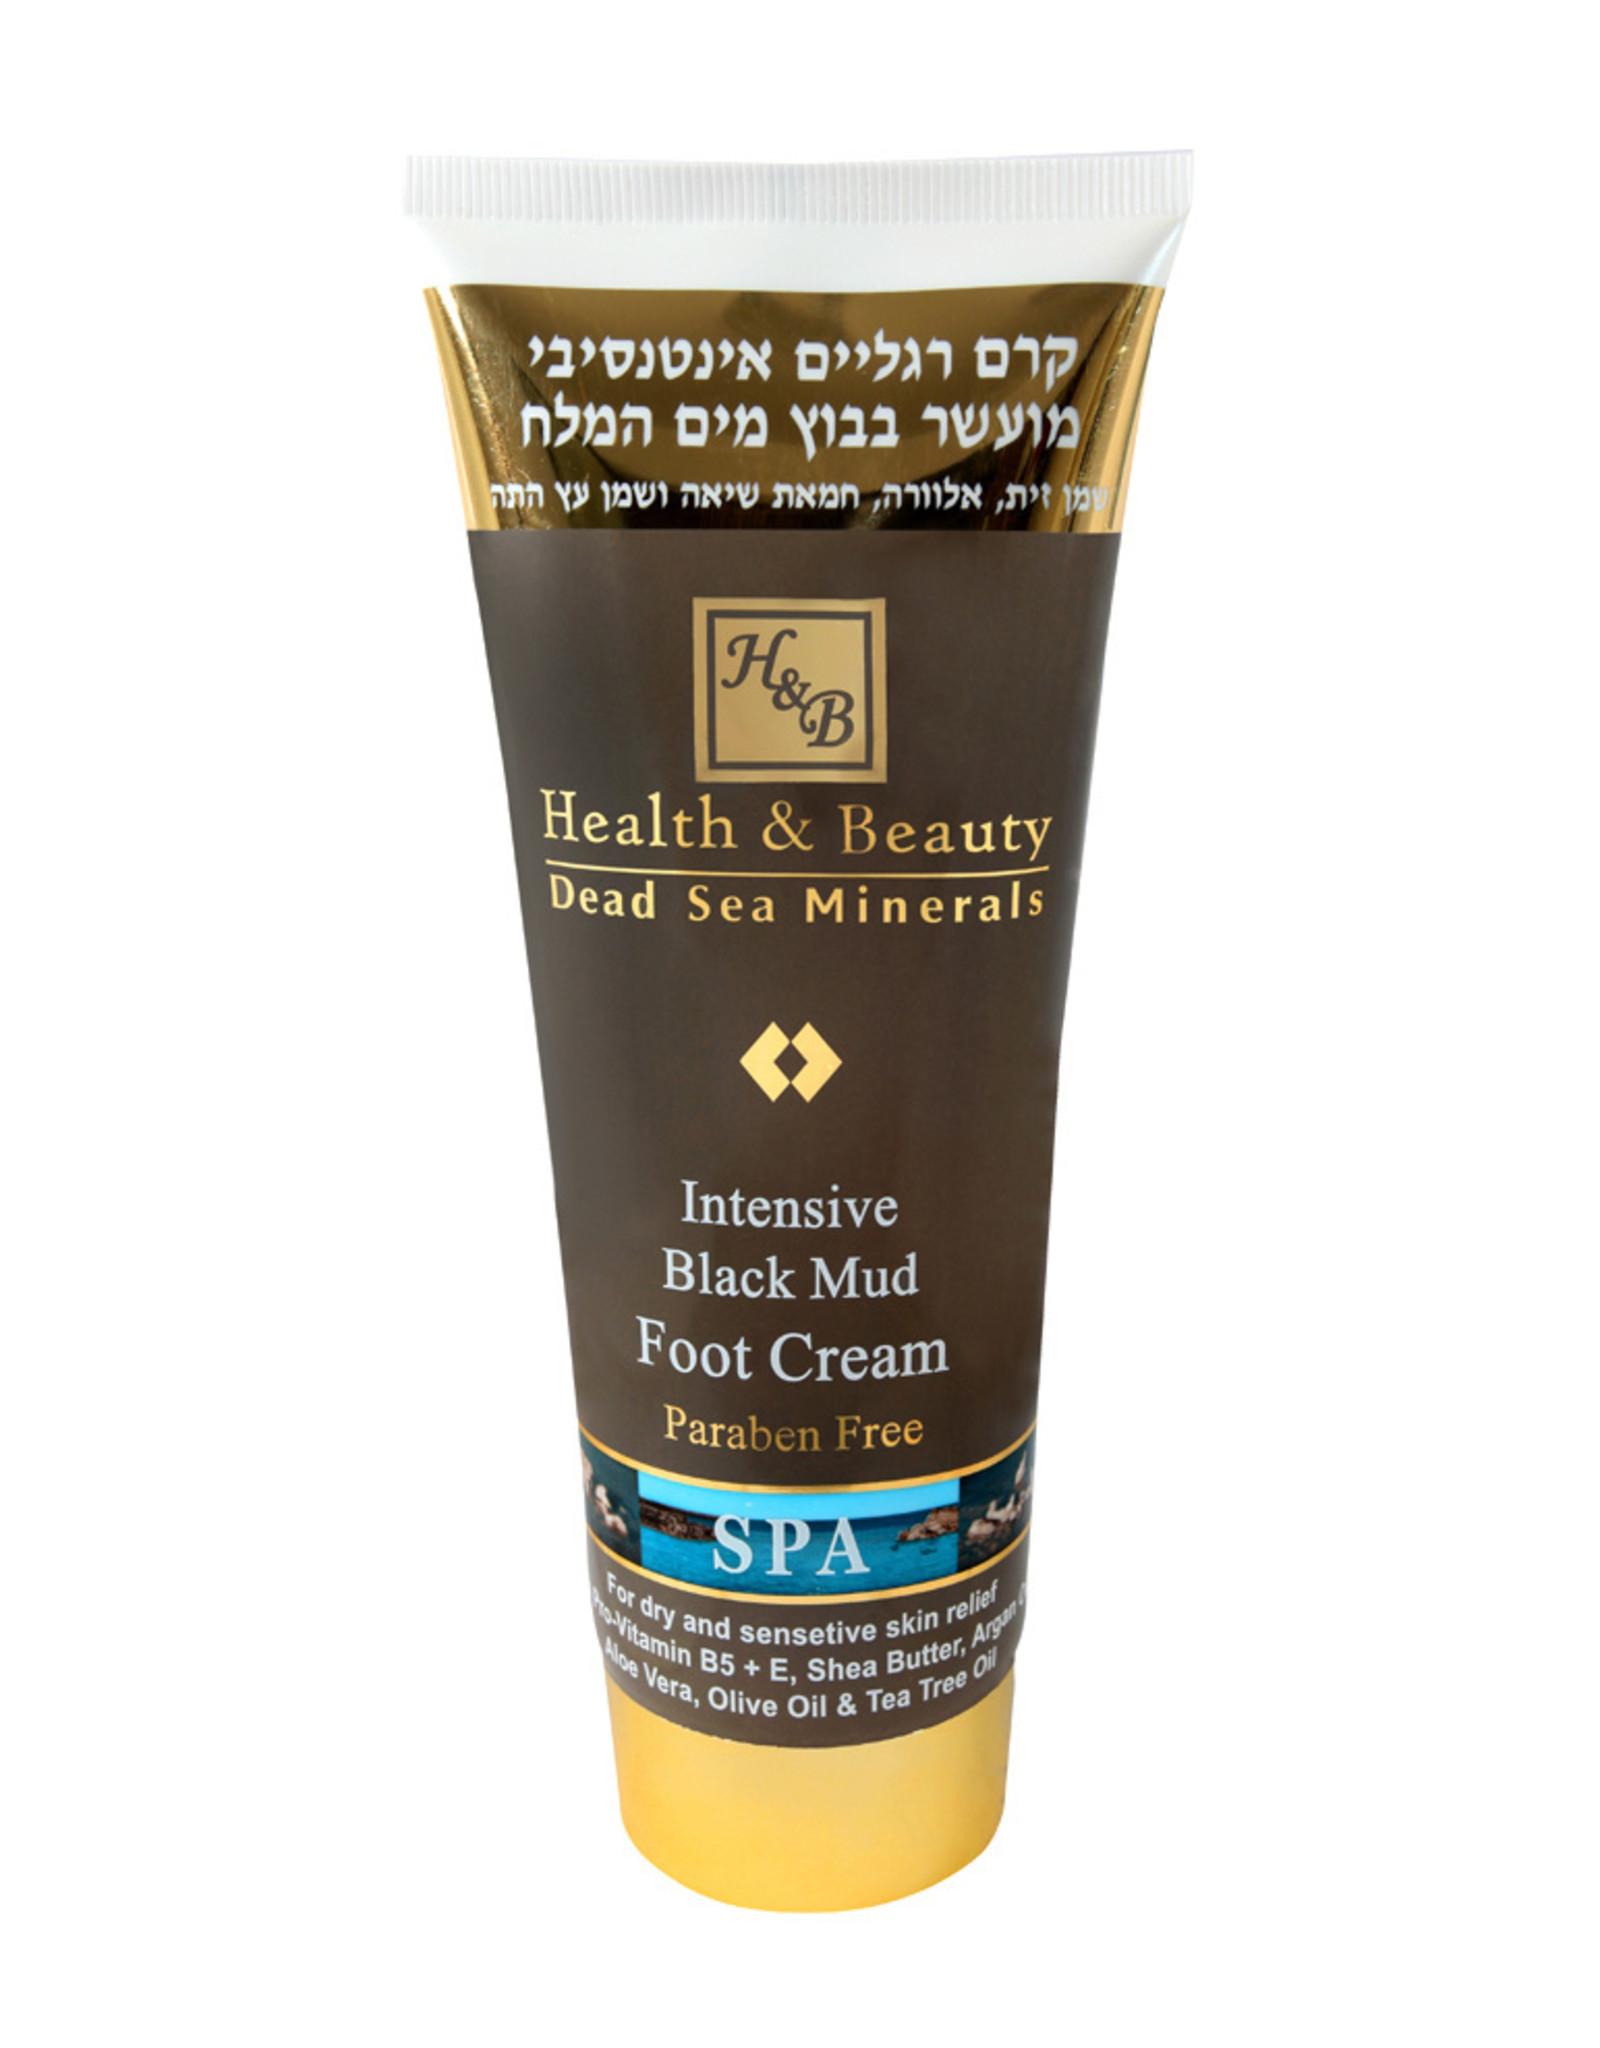 H&B Dead Sea Minerals Voetcrème met dode zee modder - intensief; 200 ml.